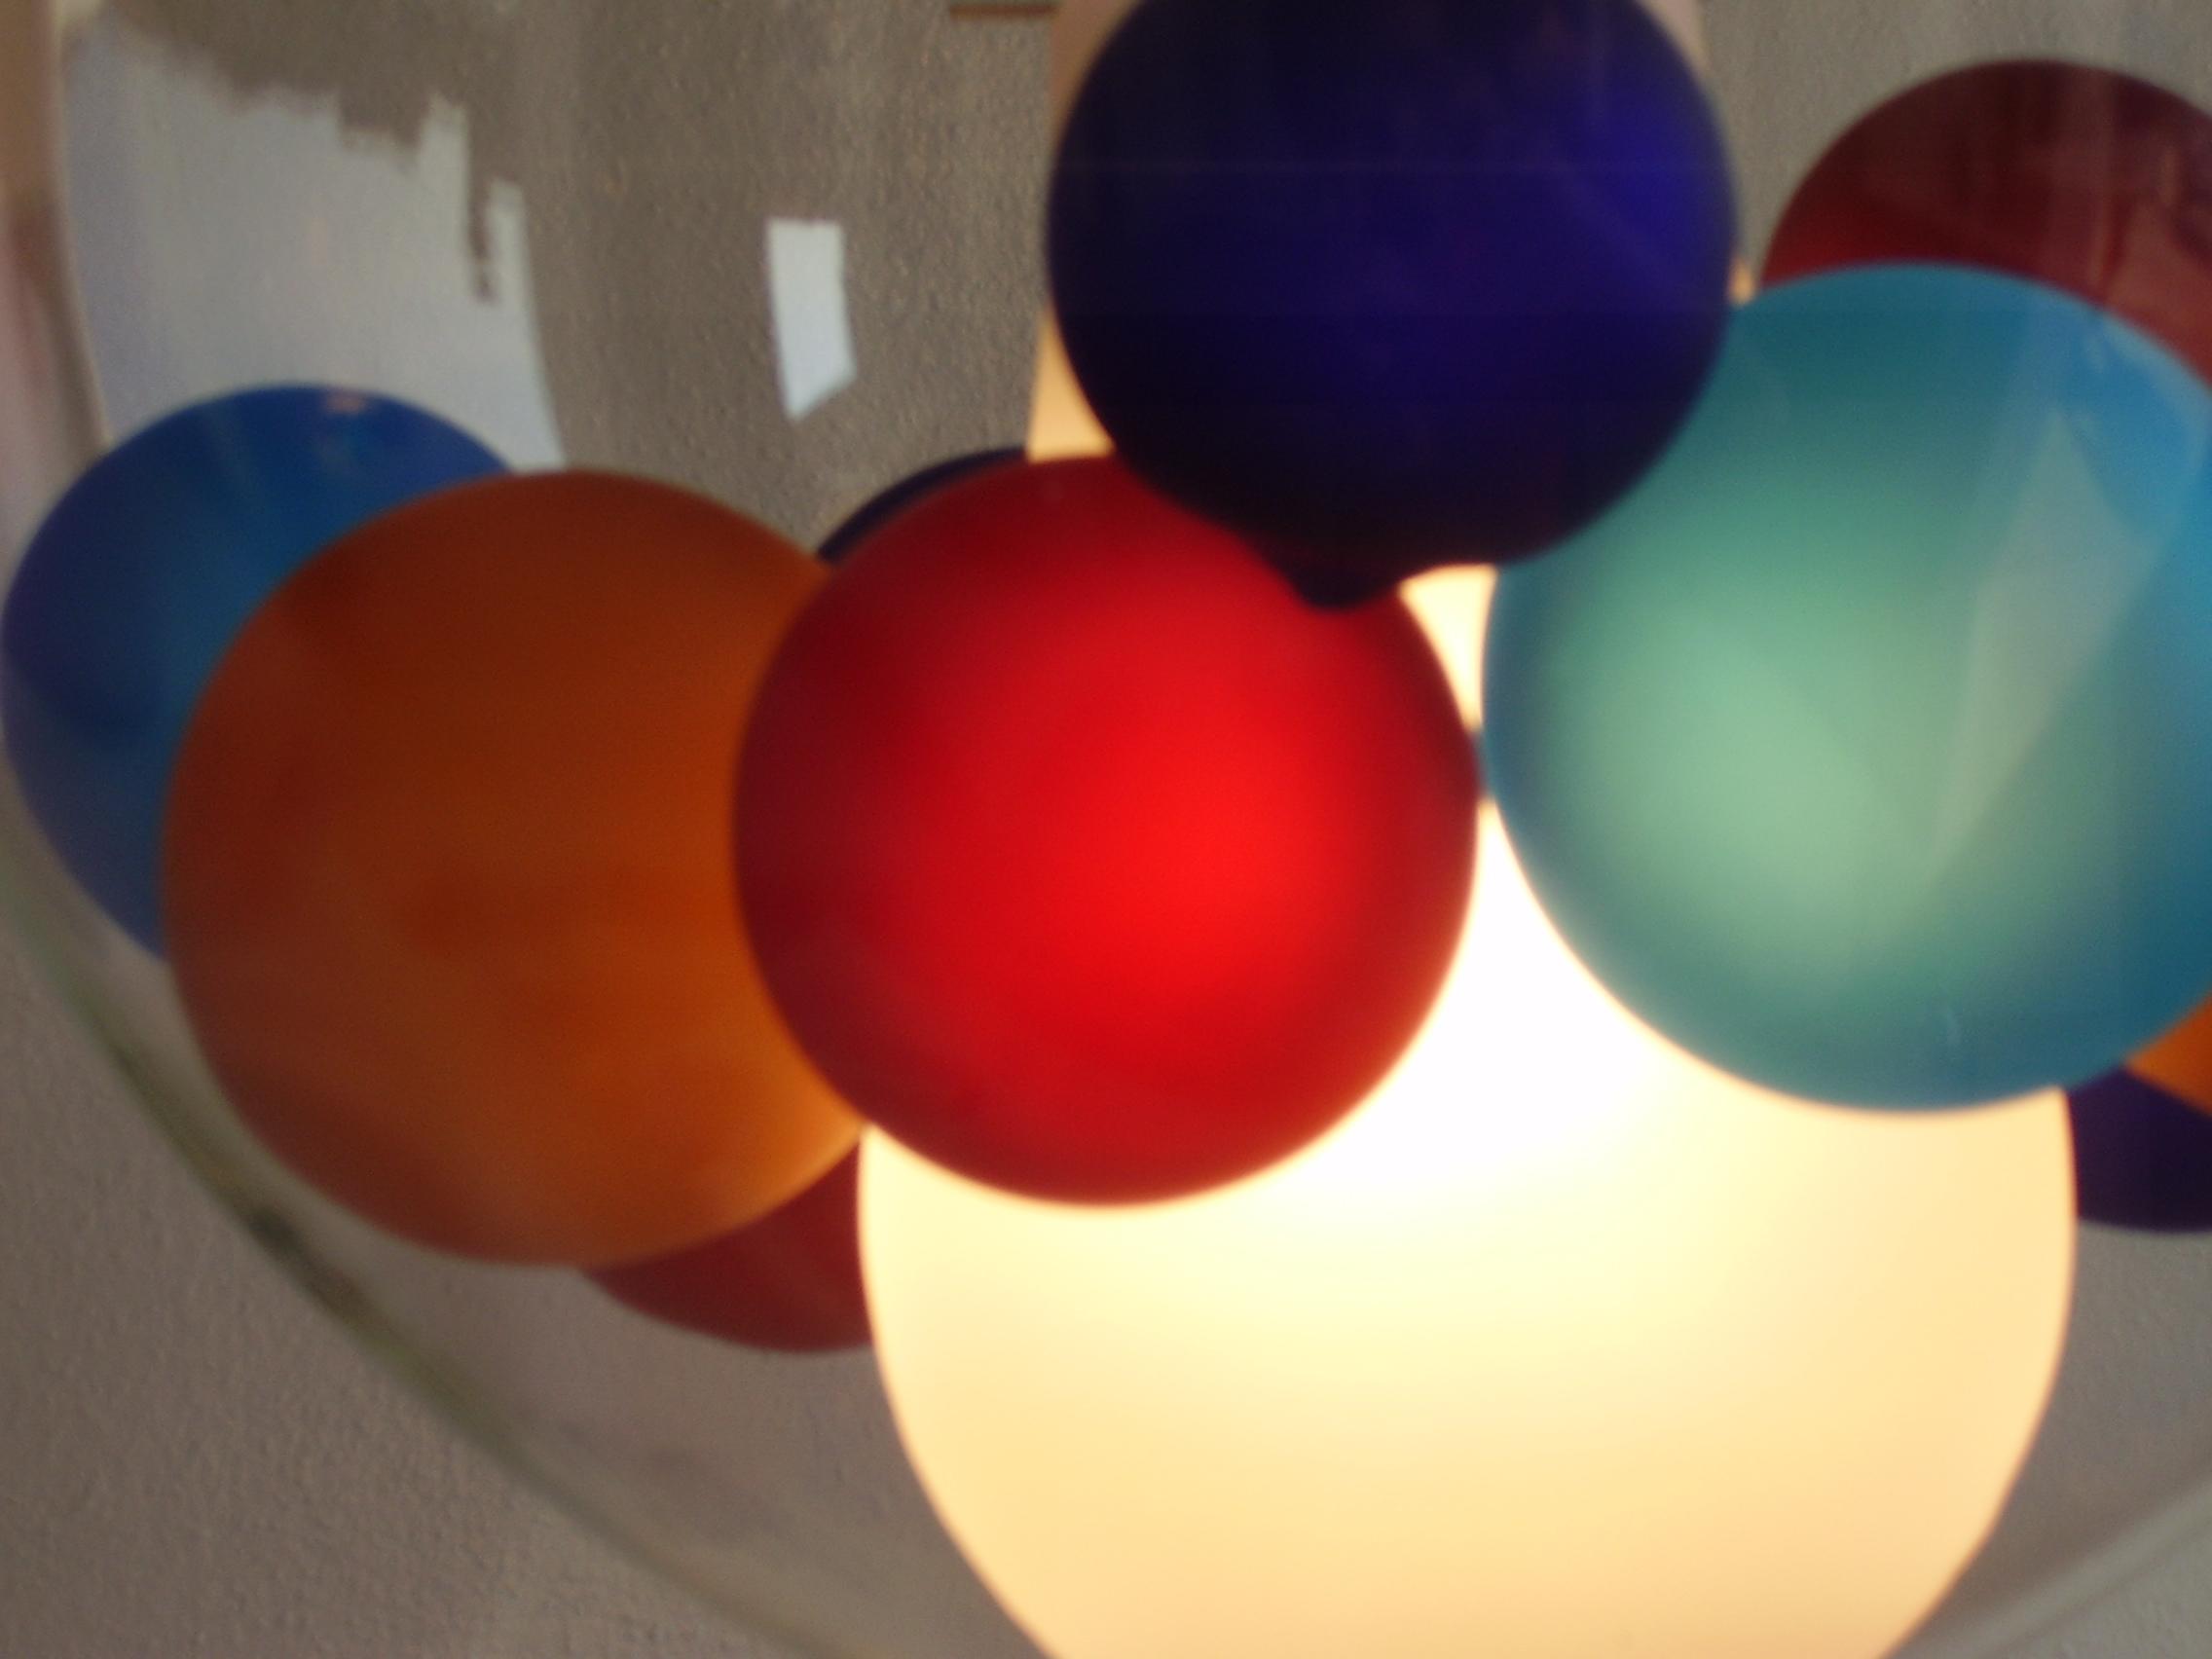 Boules de verre - Murano - Vénétie - Venise